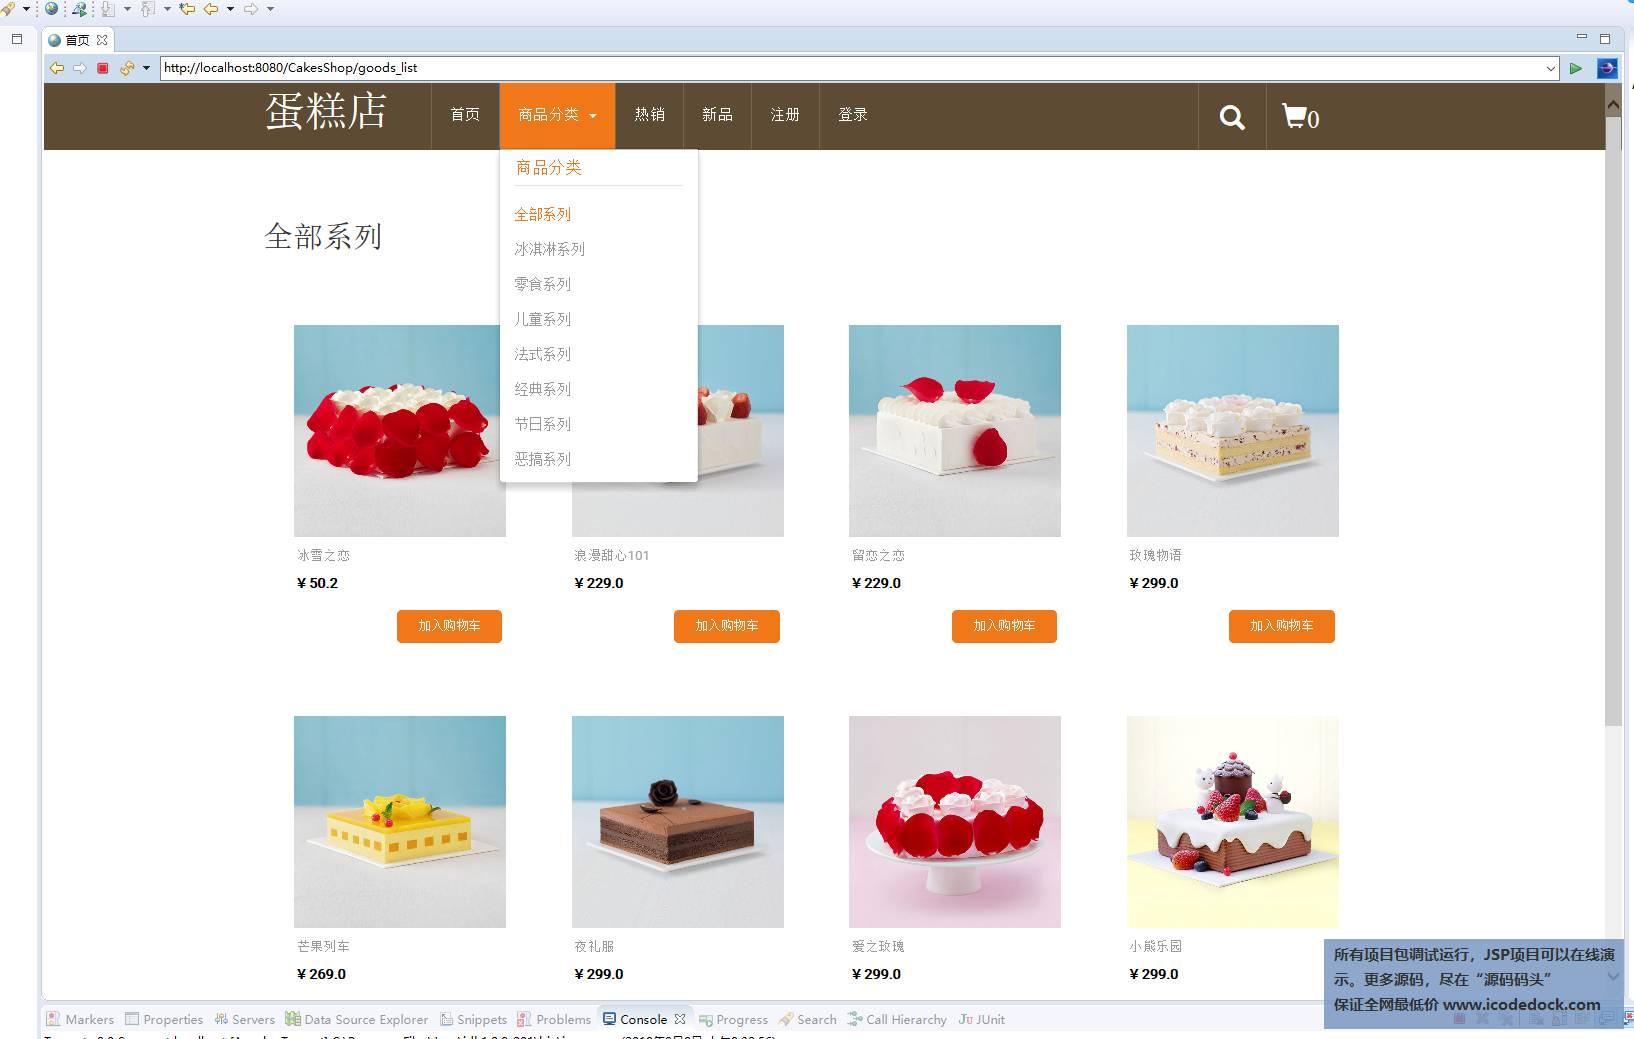 源码码头-JSP蛋糕甜品店管理系统-用户角色-商品分类